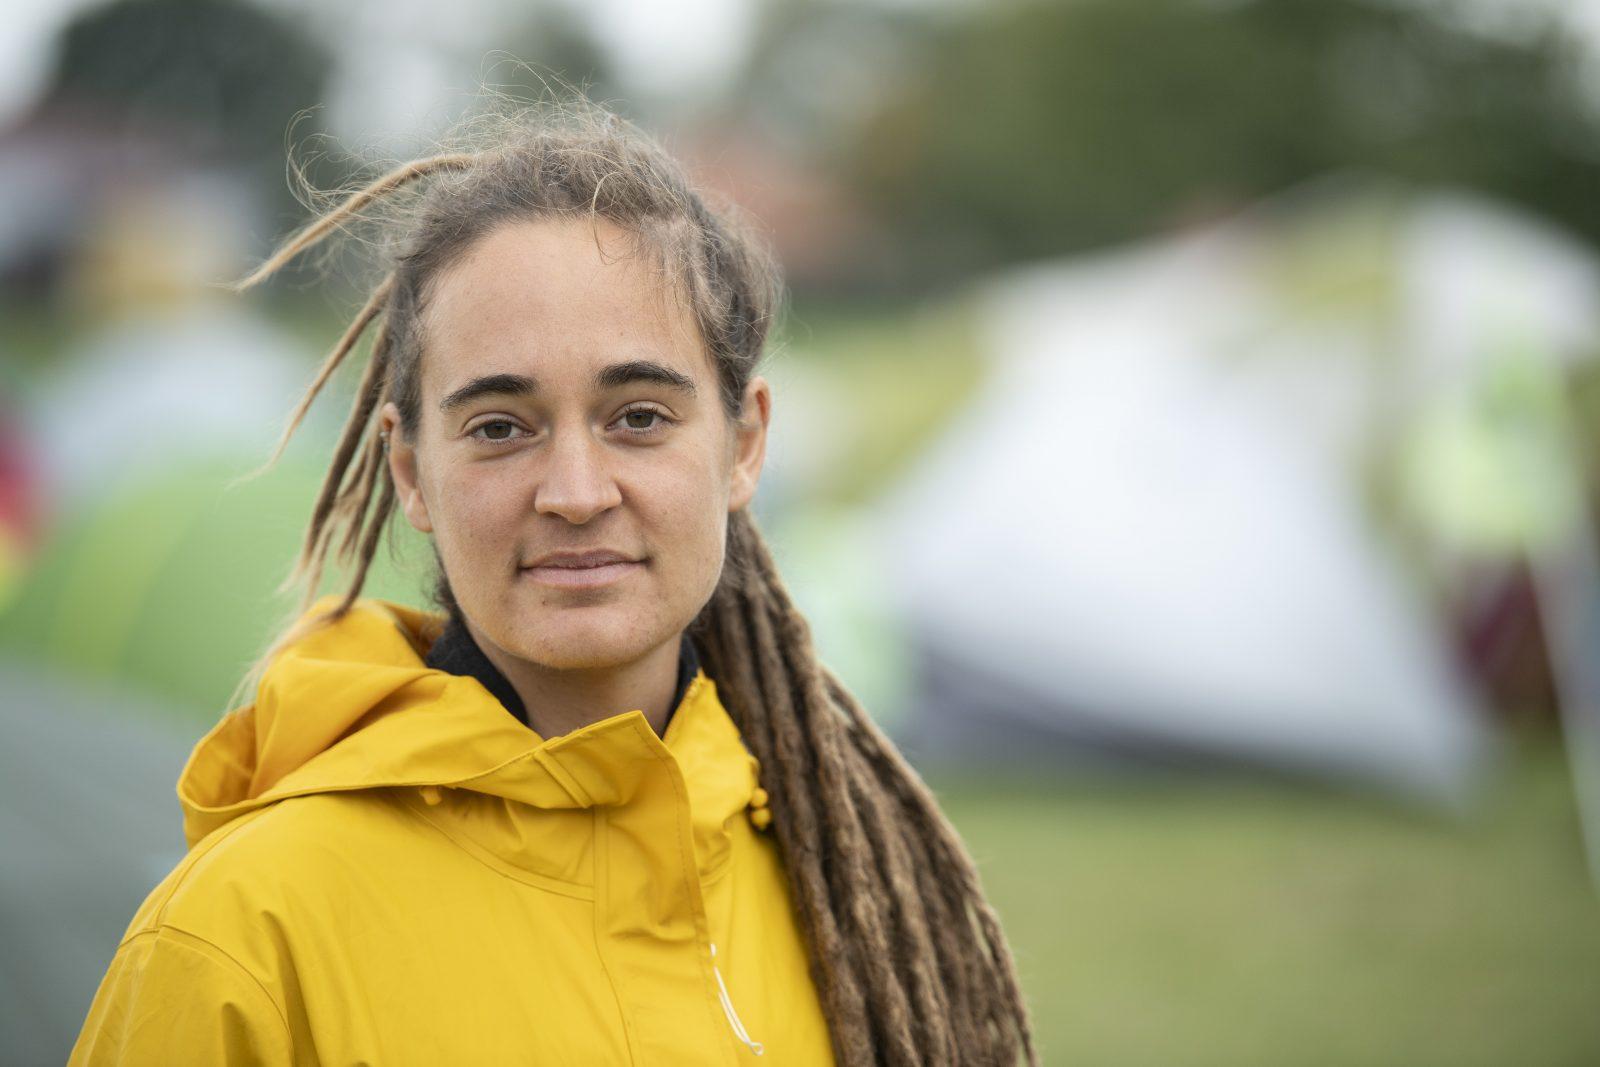 Die Flüchtlingskapitänin Carola Rackete erhält den Kölner Karnevalspreis, der mit 10.000 Euro dotiert ist Foto: picture alliance/Boris Roessler/dpa